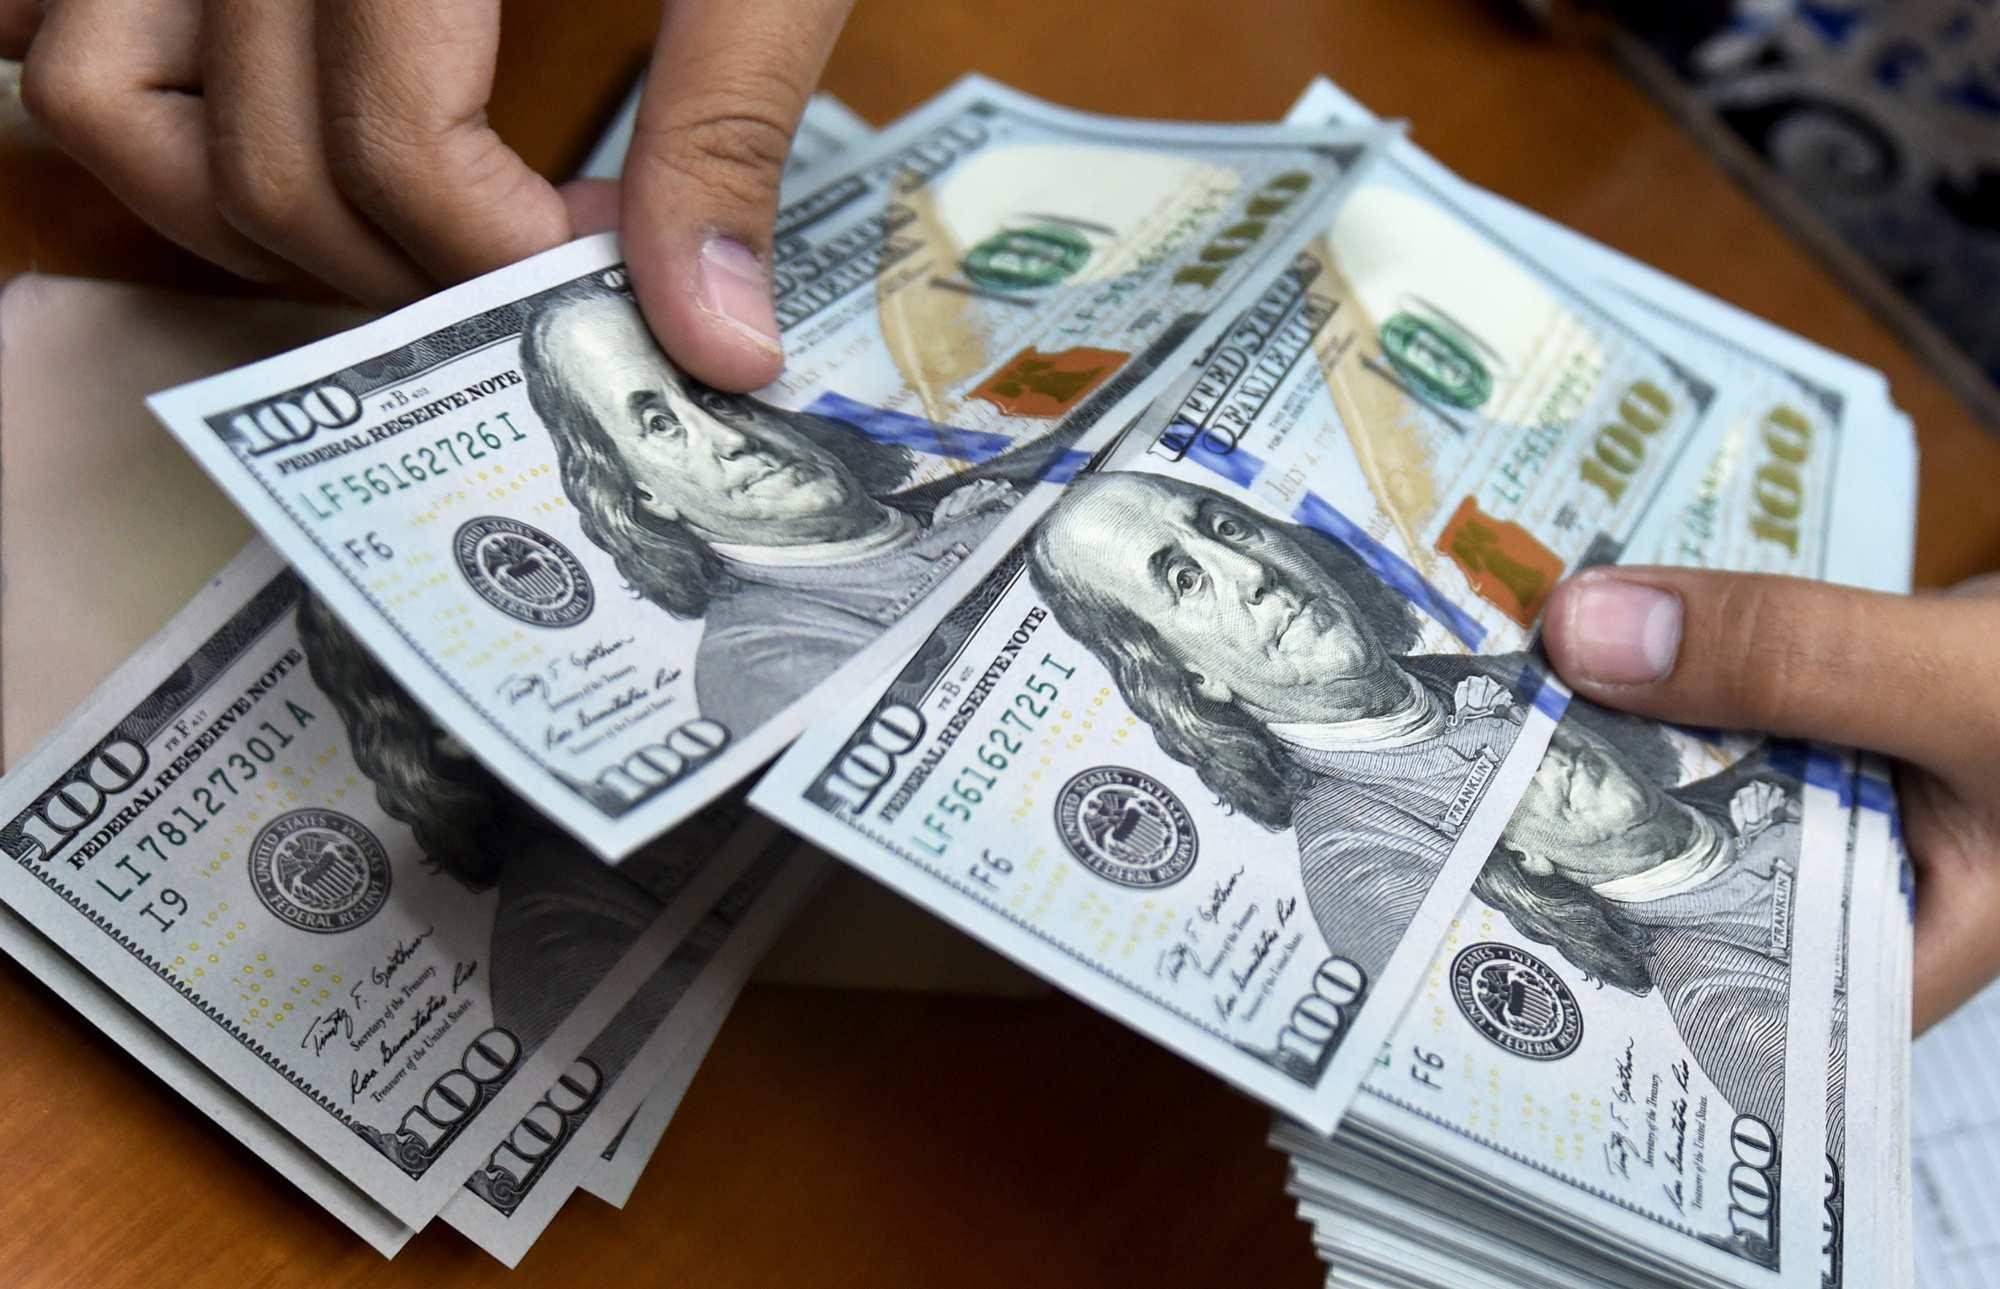 ۷ راه ساده برای تشخیص دلار تقلبی از اصل